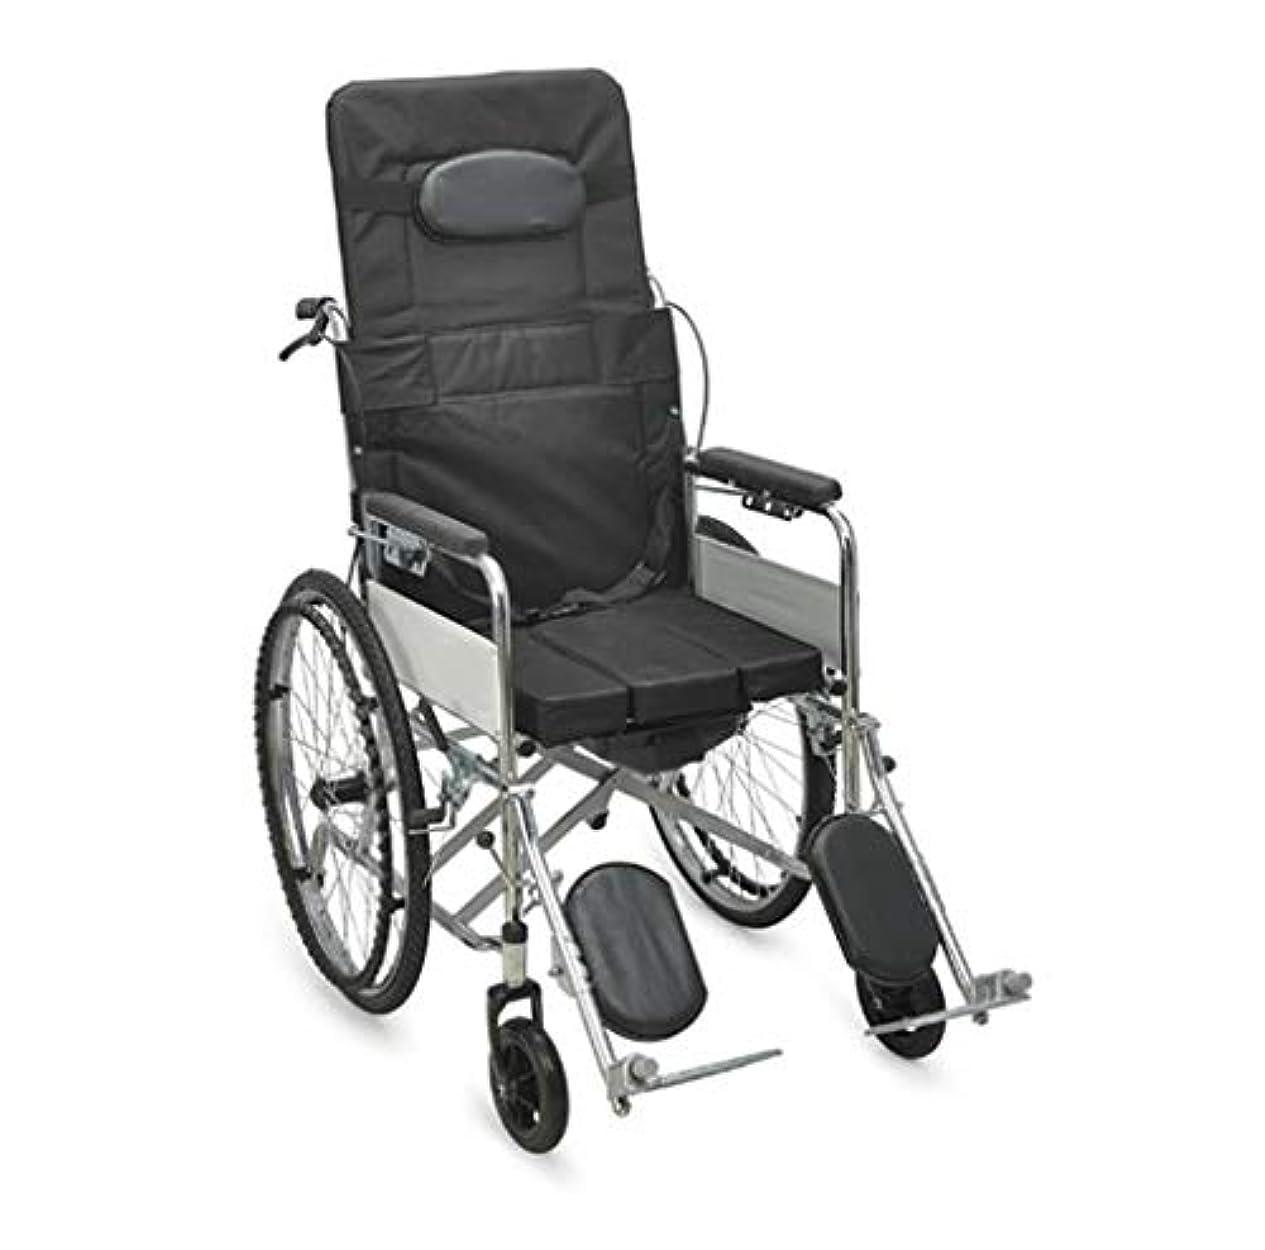 薬独裁者理解自走式車椅子、高齢者に適した軽量モバイルデバイス、身体障害者および身体障害者用、ポータブル車椅子